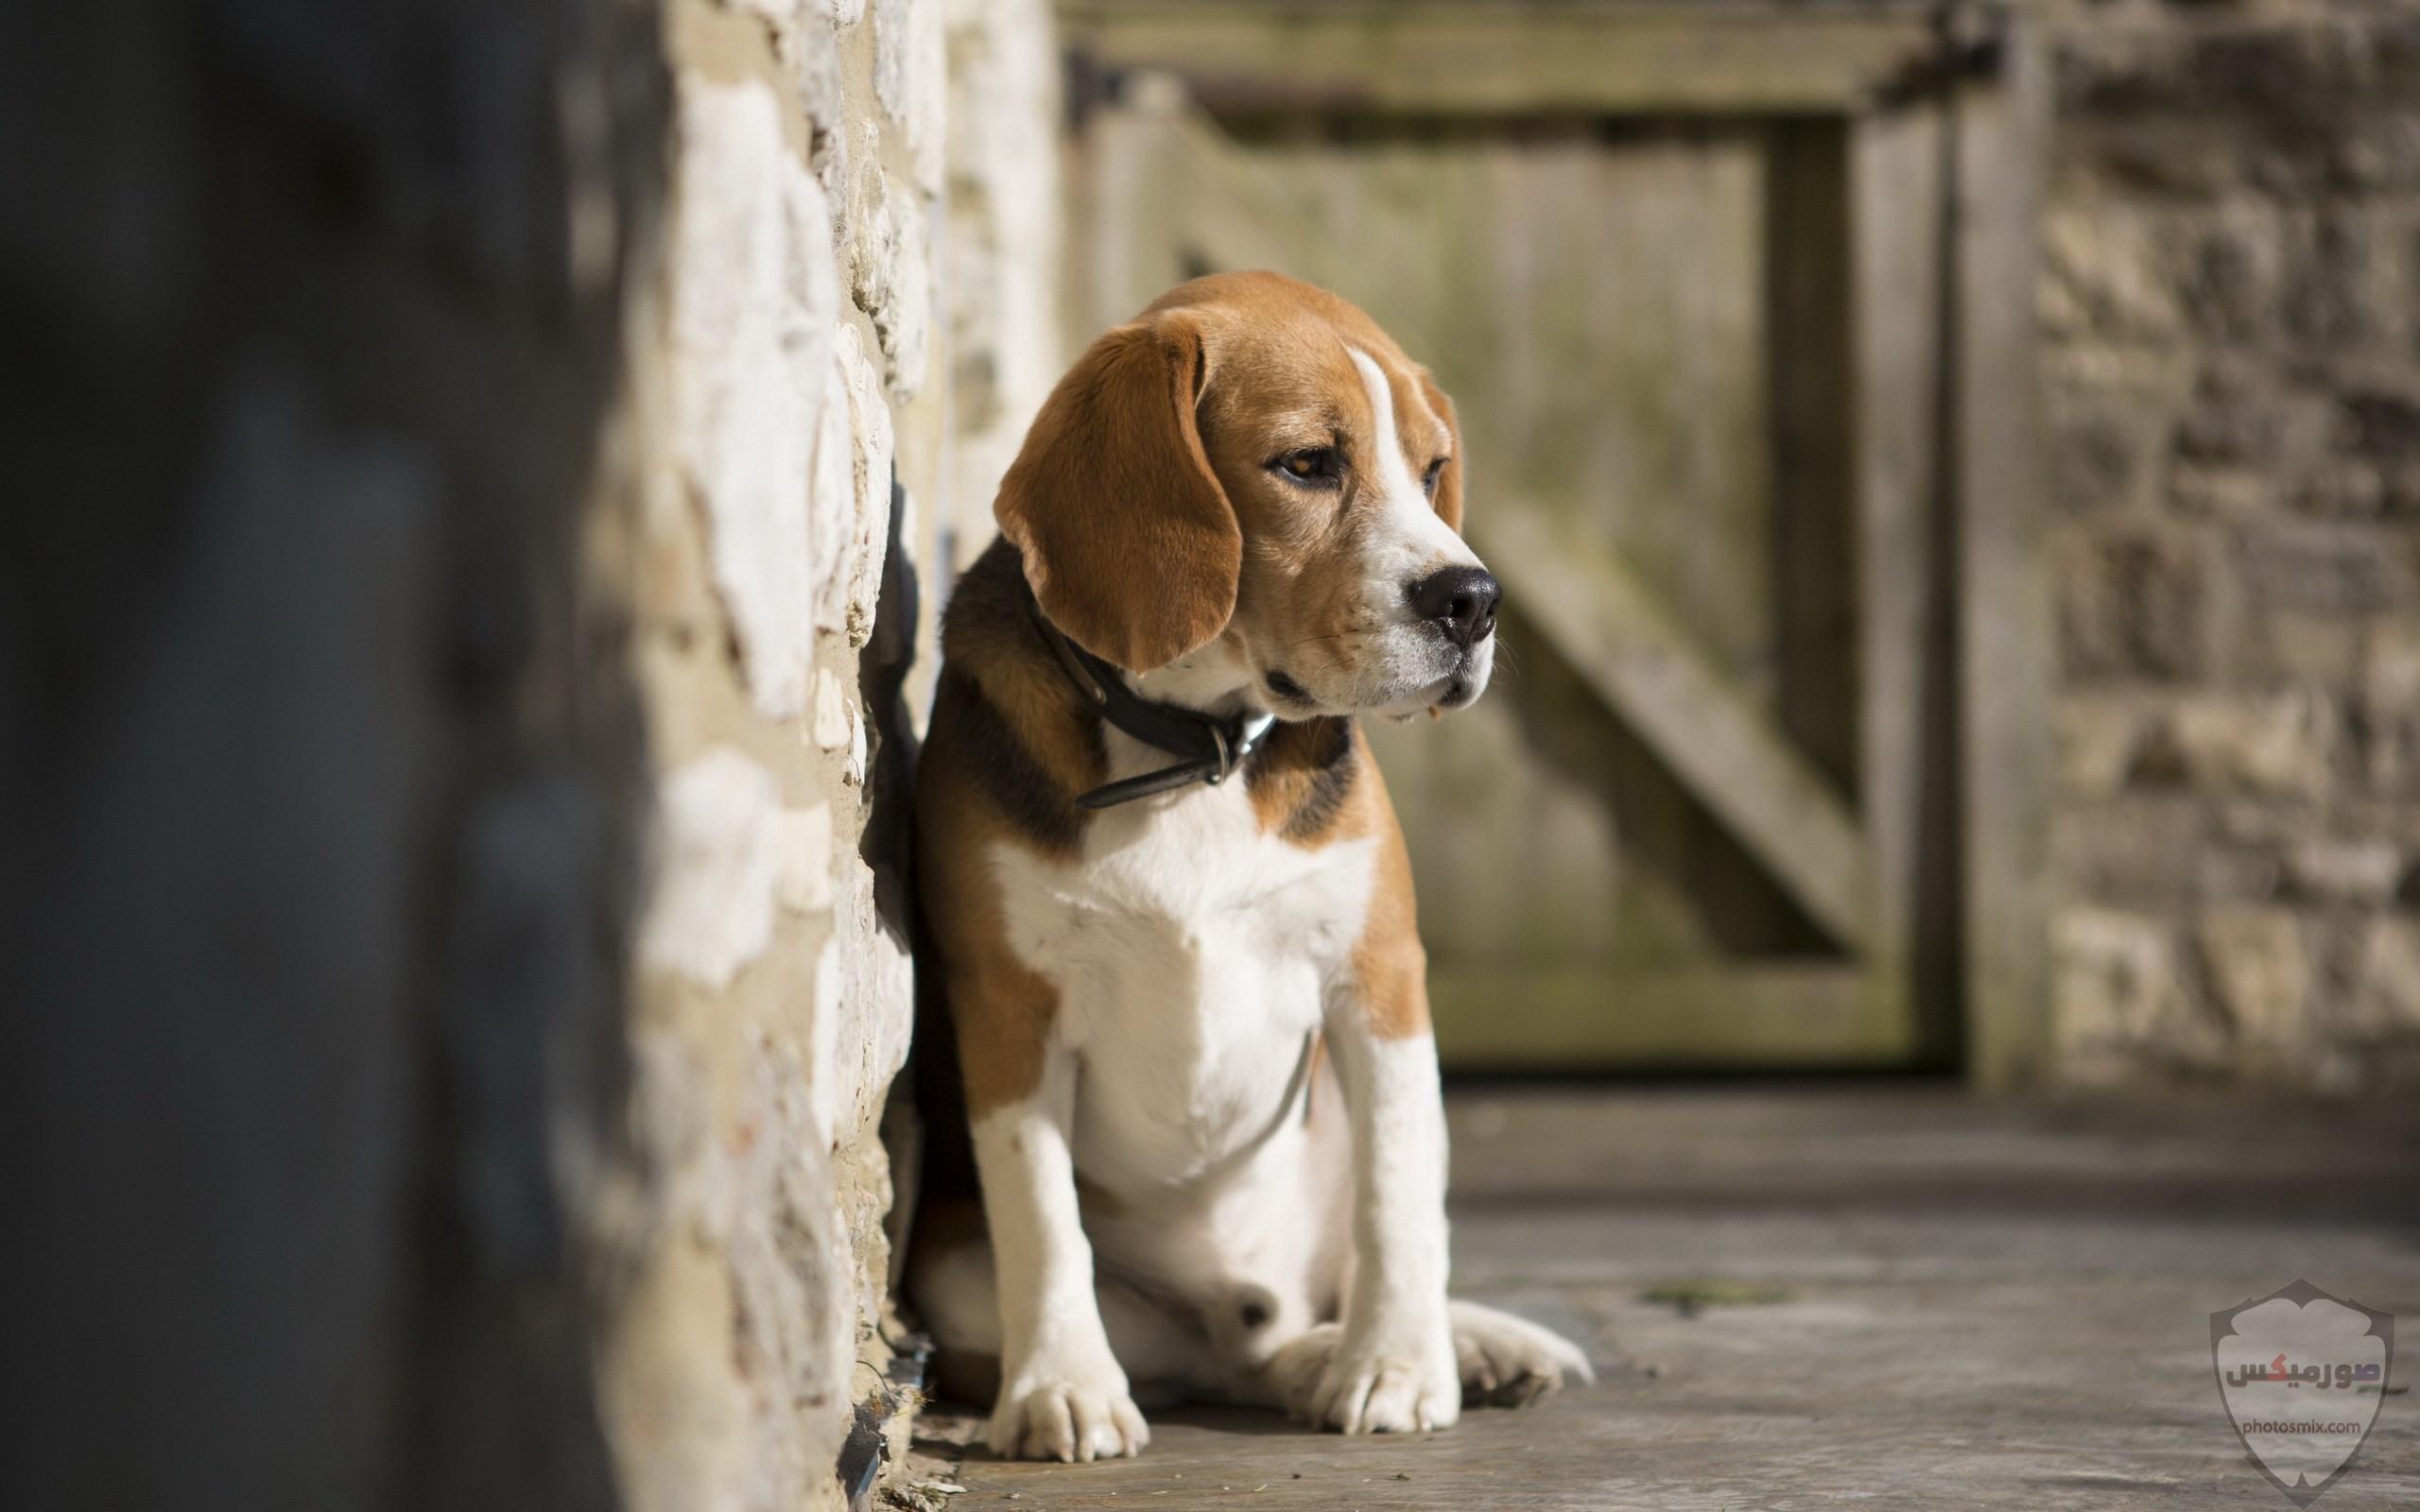 صور رمزيات خلفيات كلاب كيوت صورة كلب كيوت جدا 55